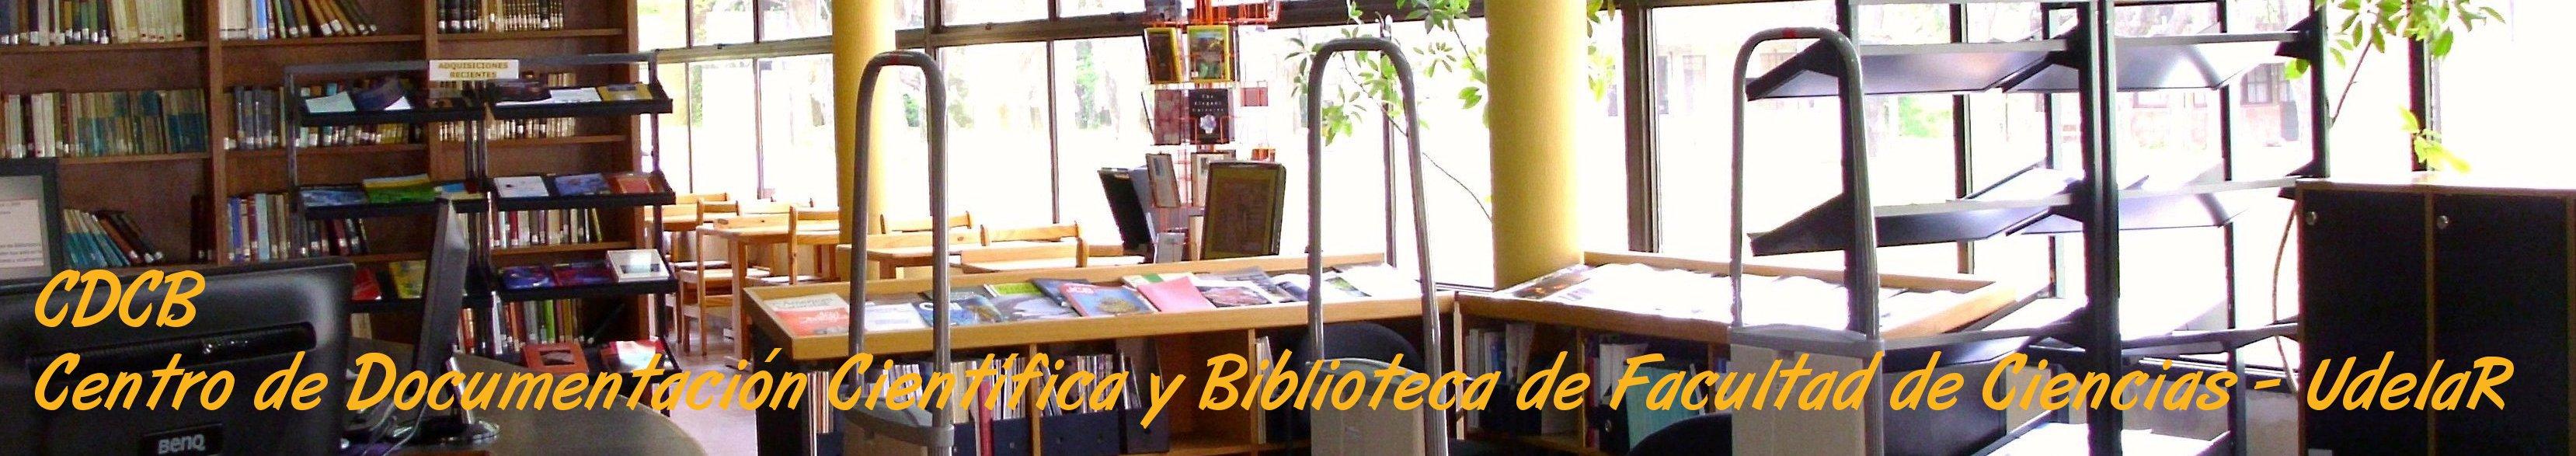 Centro de Documentación Científica y Biblioteca